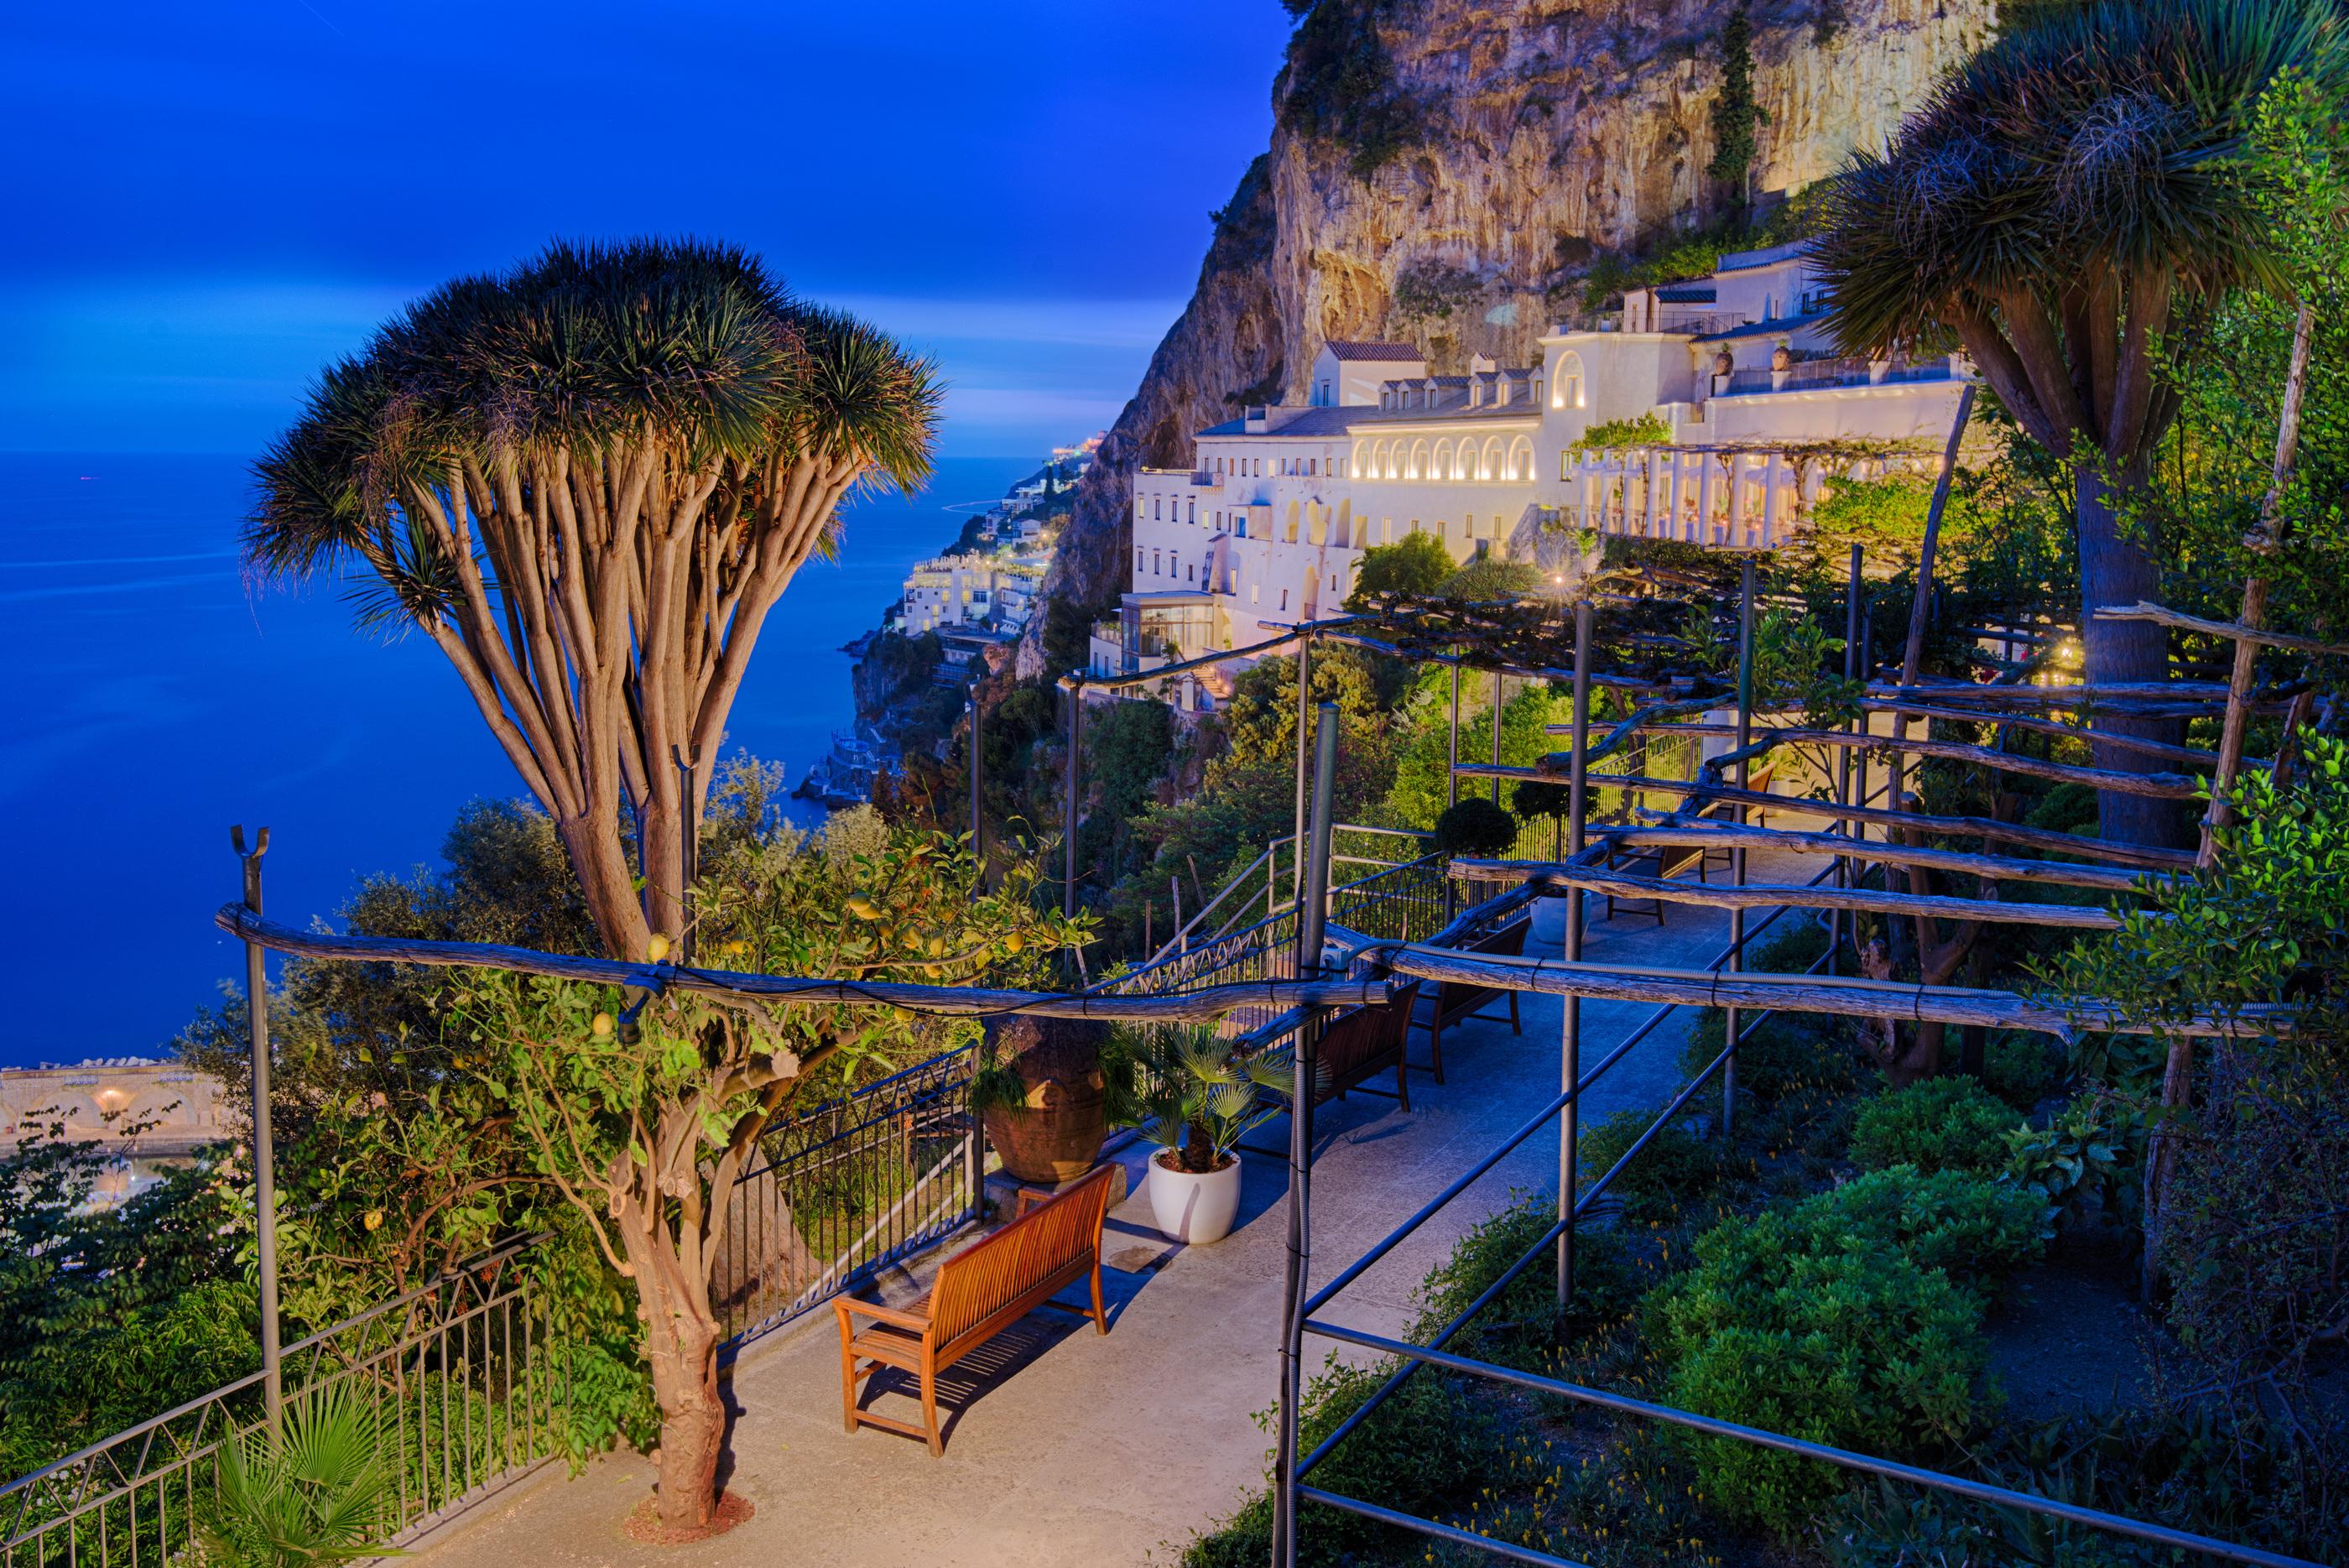 Discover The Grand Hotel Convento Di Amalfi A 5 Star Luxury